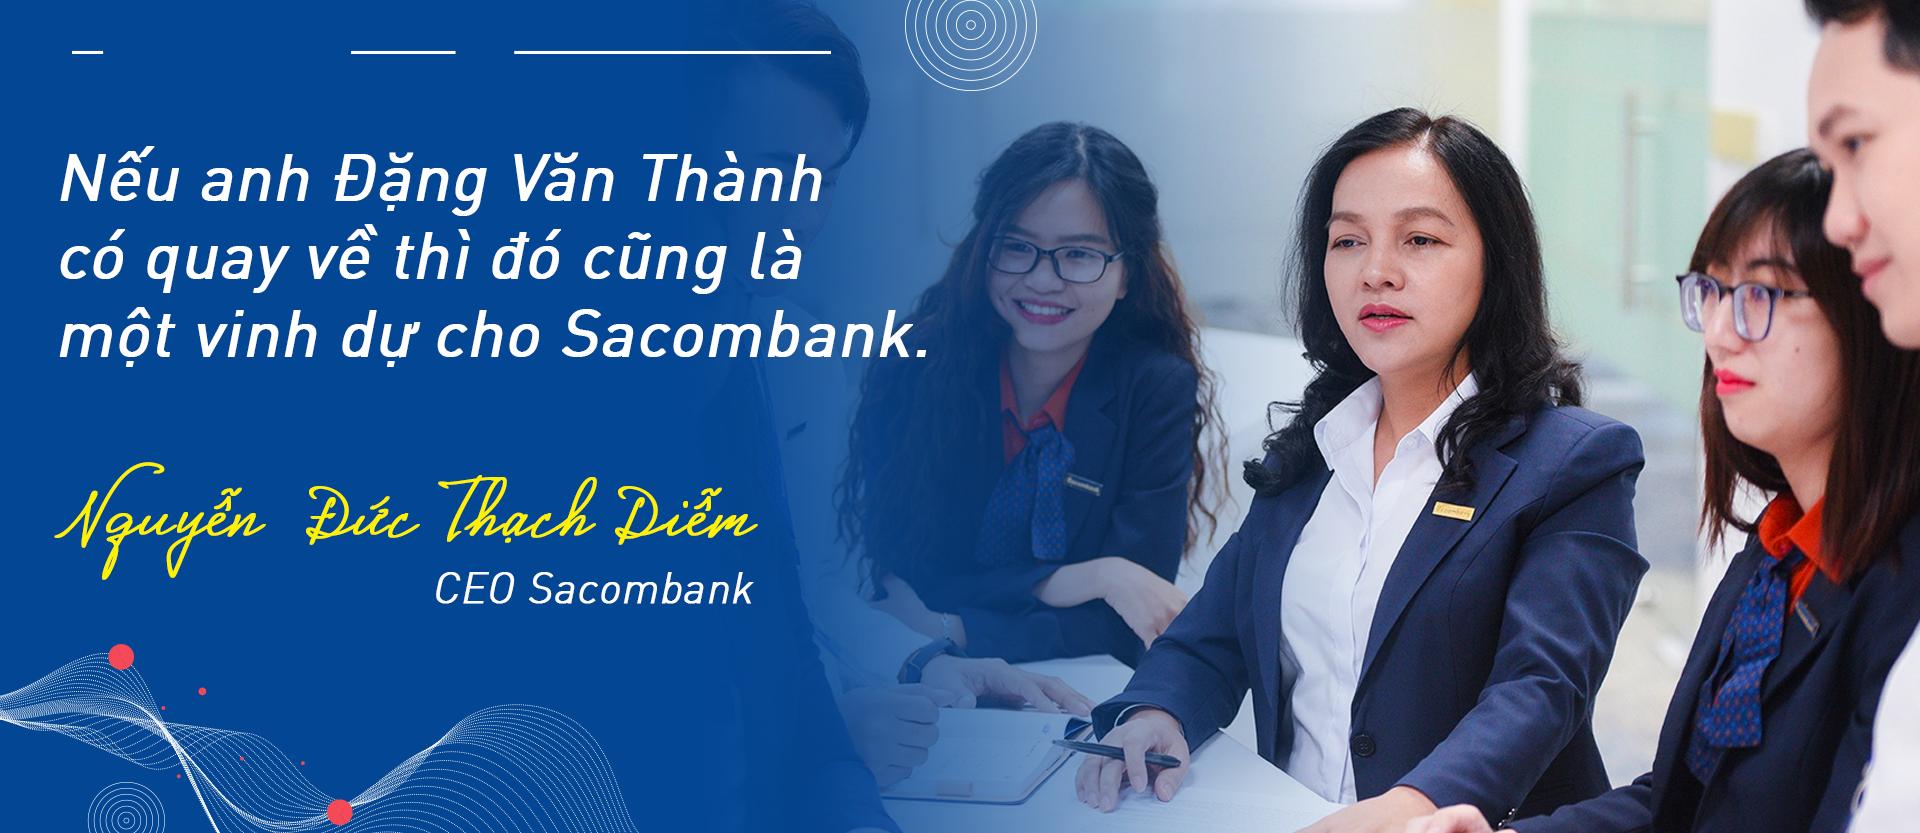 CEO Sacombank: Tôi chỉ là người làm công chuyên nghiệp - 10